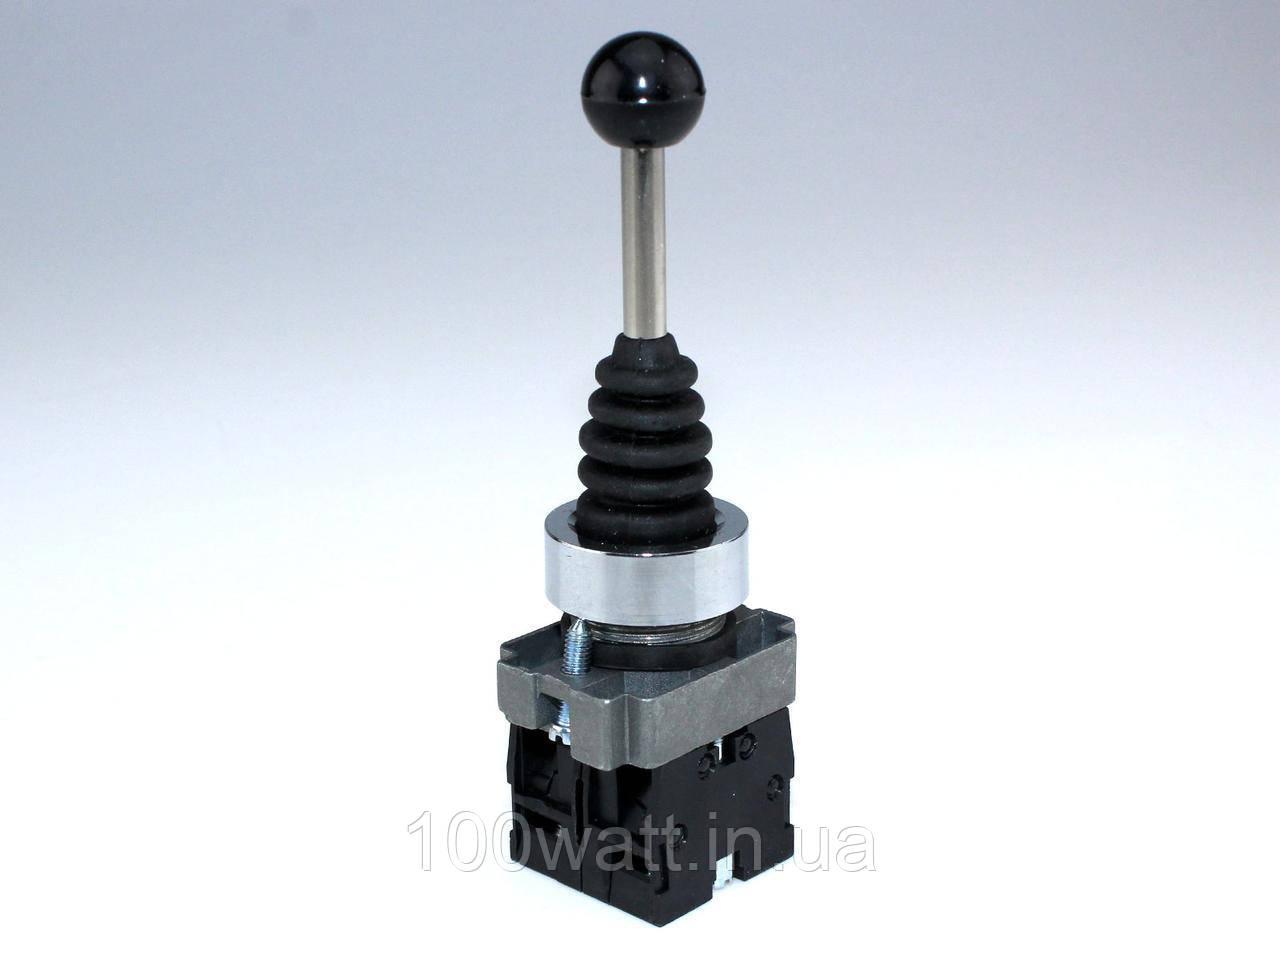 Джойстик-манипулятор XD2PA22 CR двухпозиционный 4К GAV 225